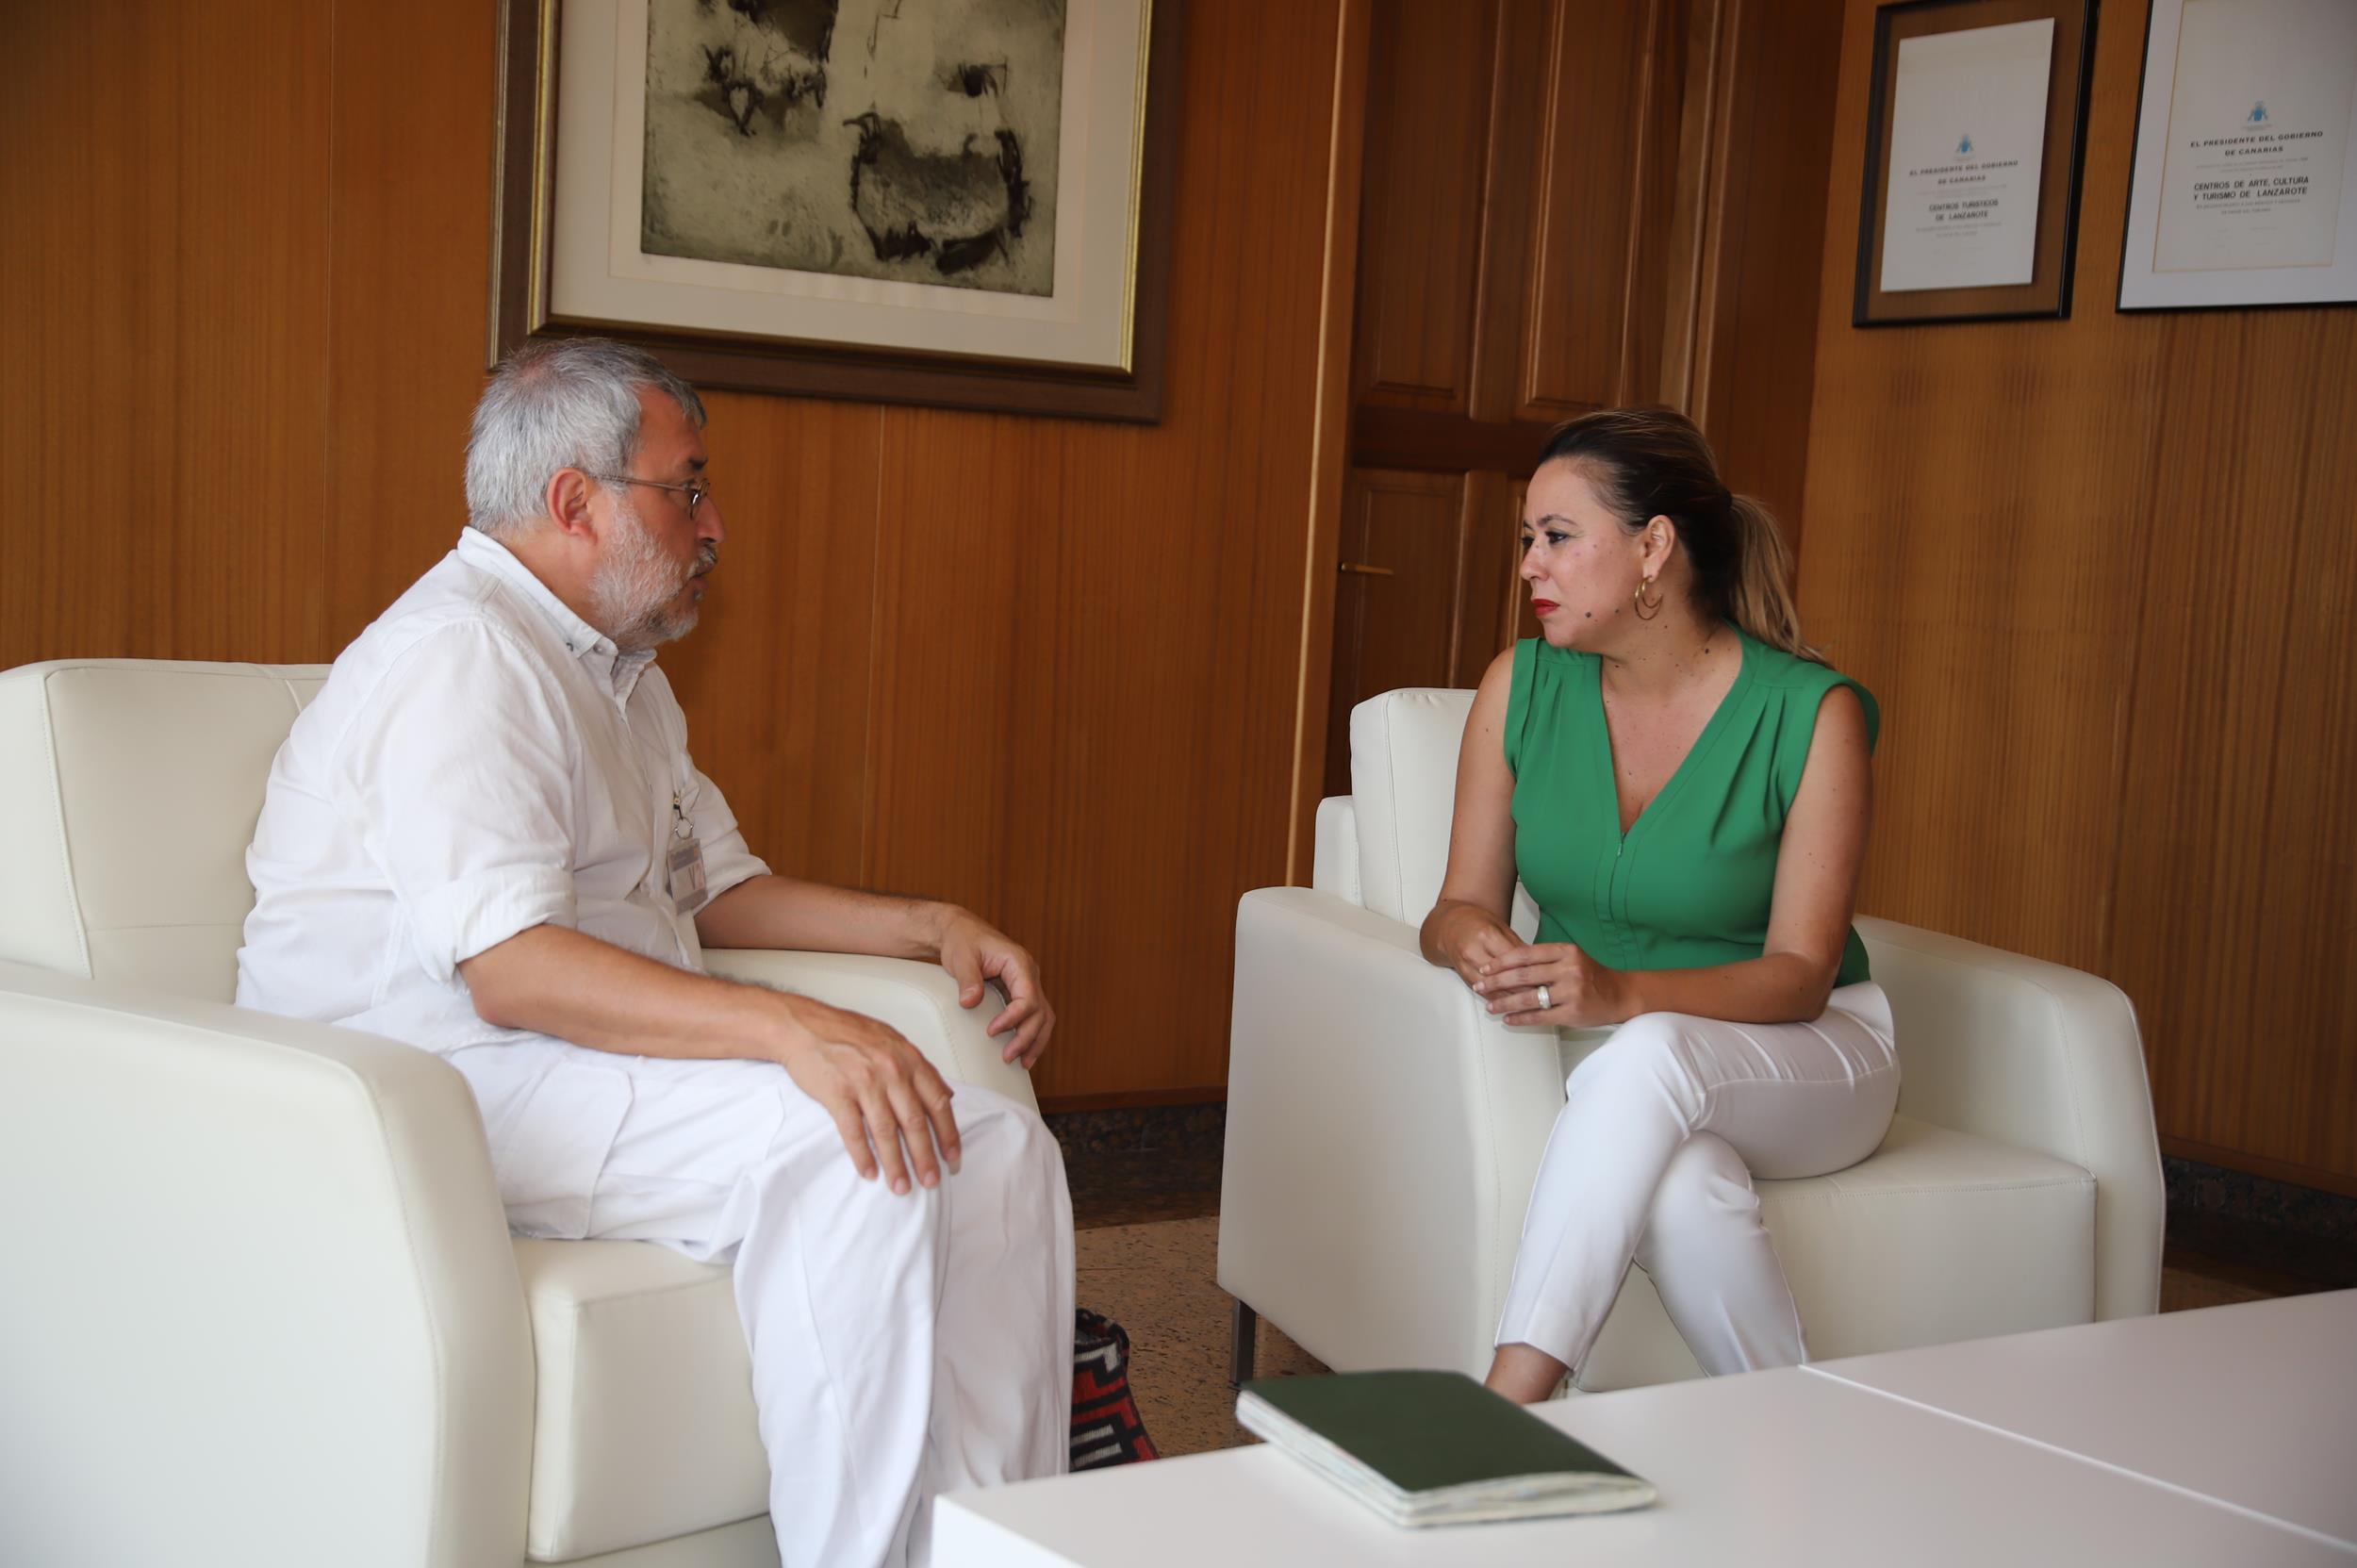 María Dolores Corujo recibe al ensayista y profesor de filosofía Jorge Riechmann